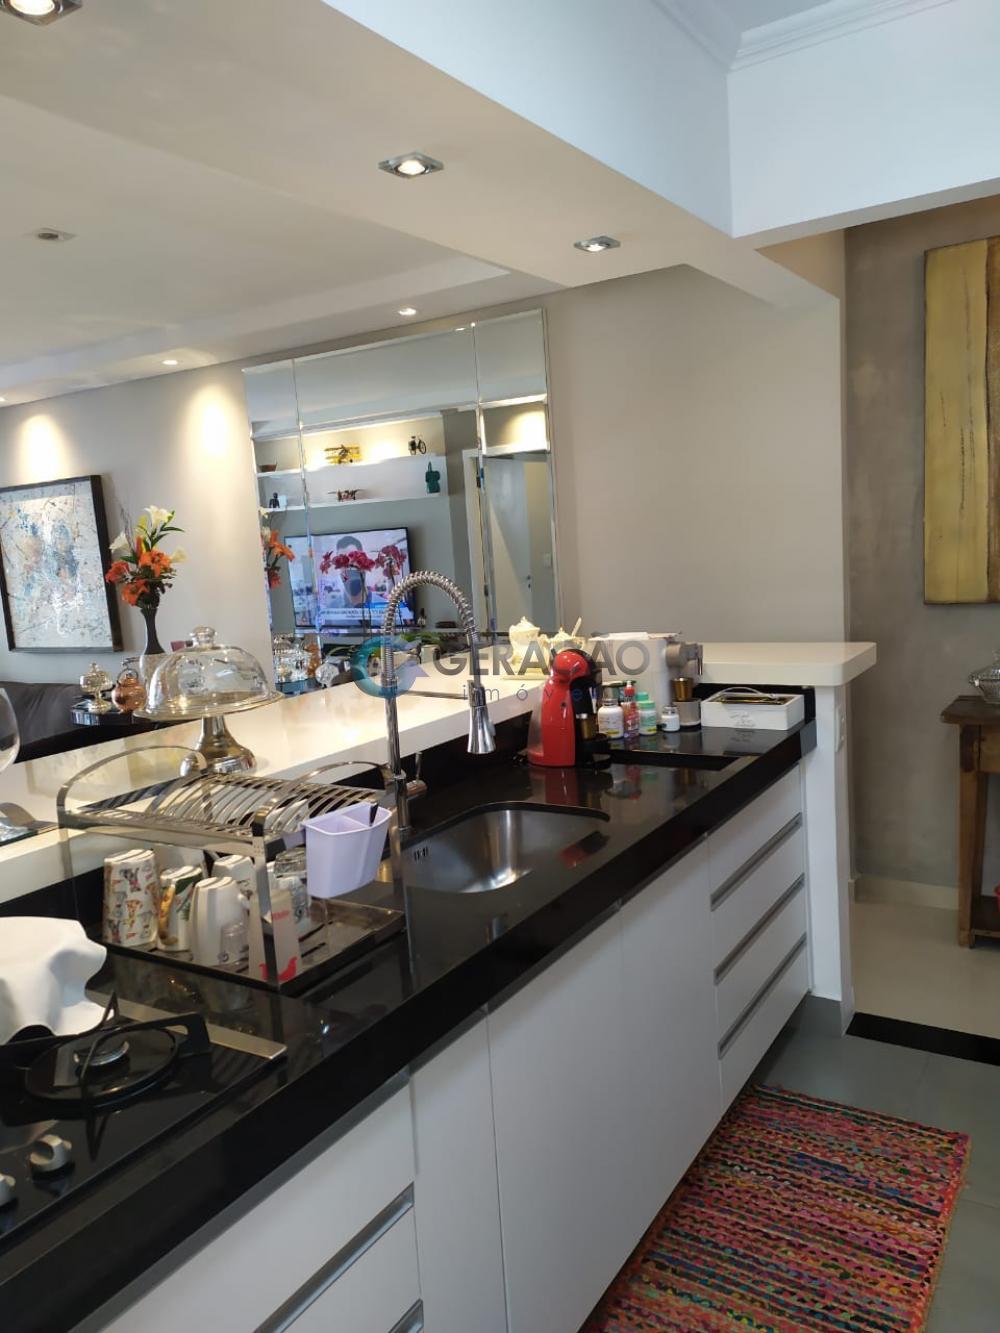 Comprar Apartamento / Padrão em São José dos Campos apenas R$ 565.000,00 - Foto 9